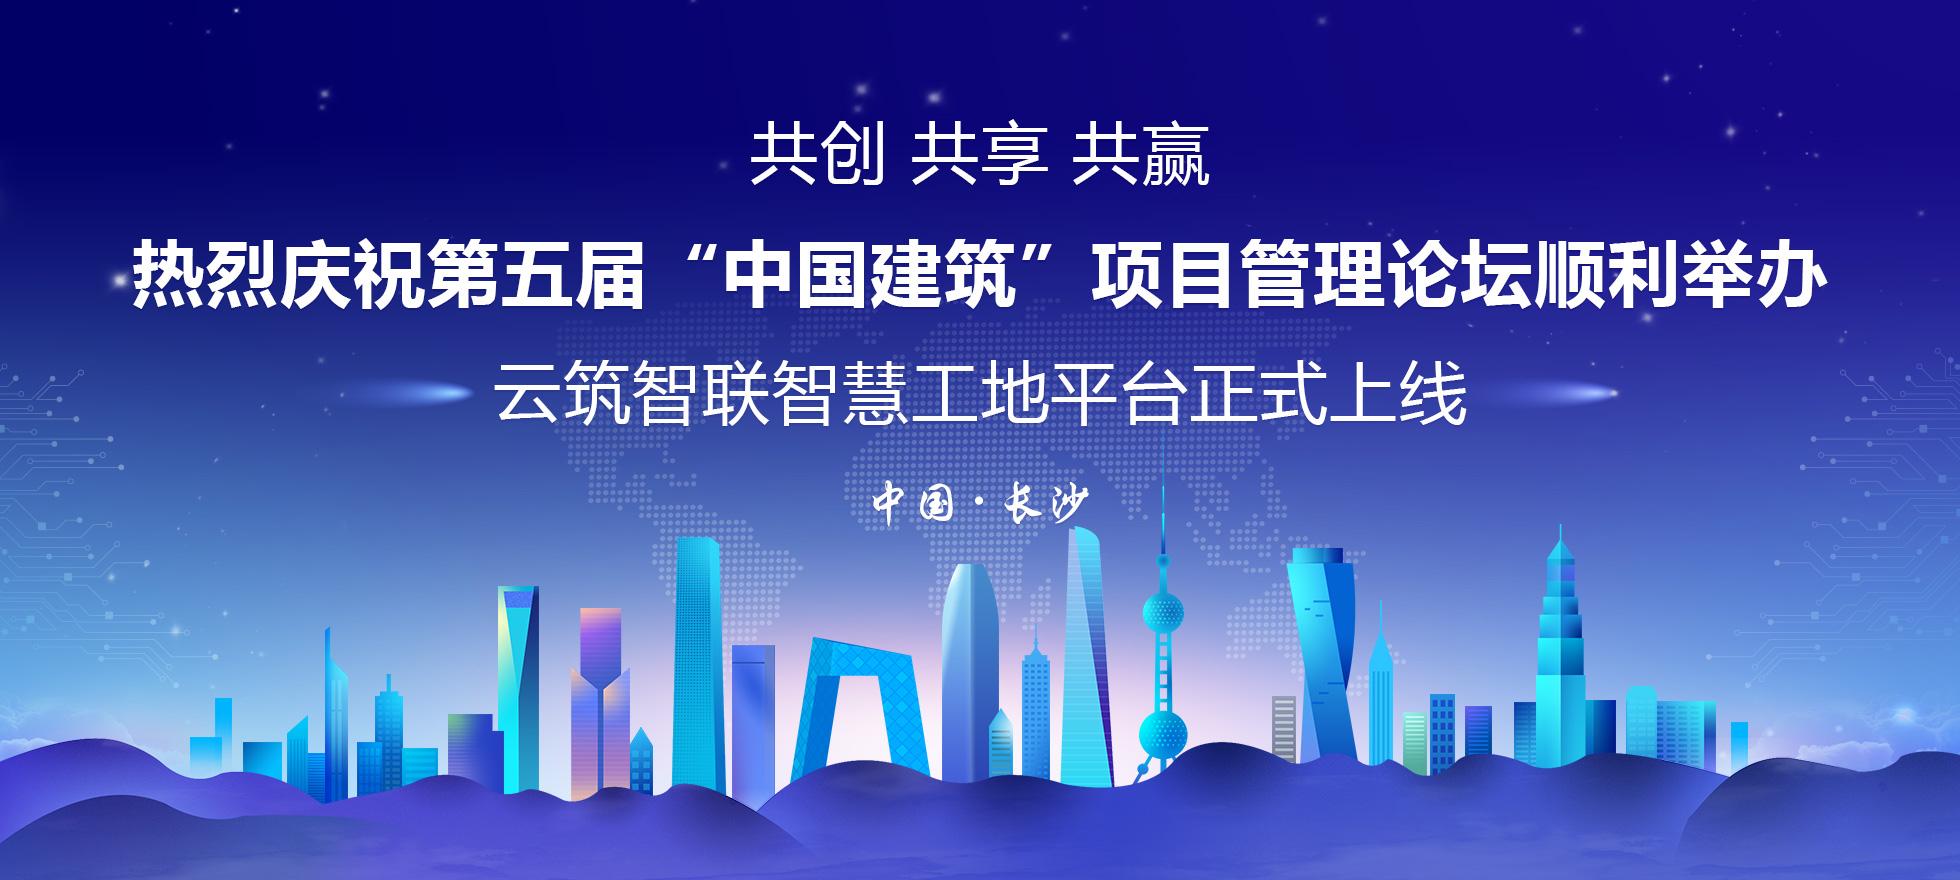 """热烈庆祝第五届""""中国建筑""""项目管理论坛顺利举办"""